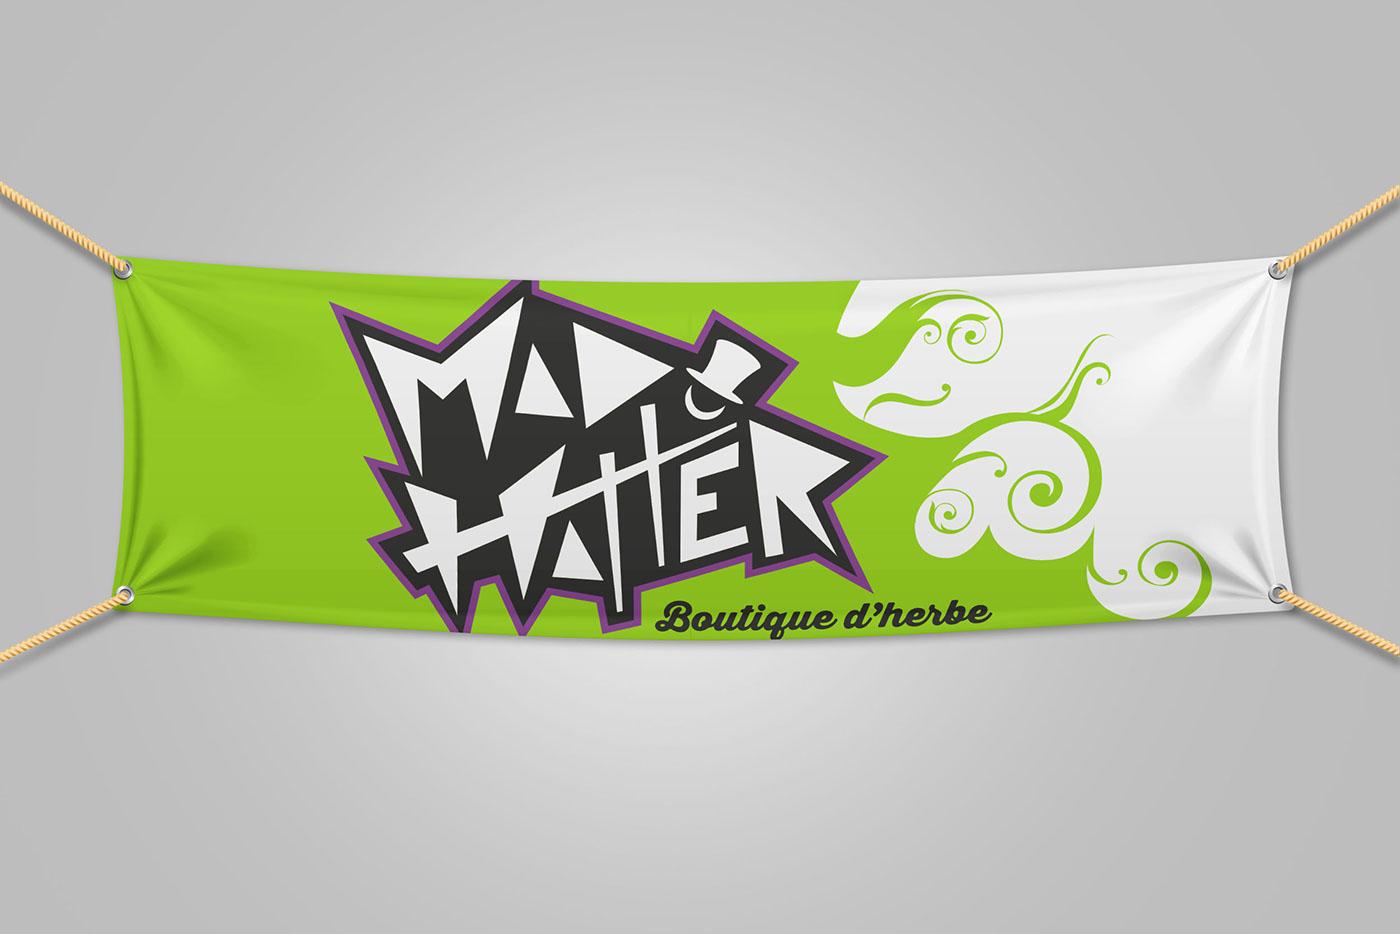 vector Illustrator log branding